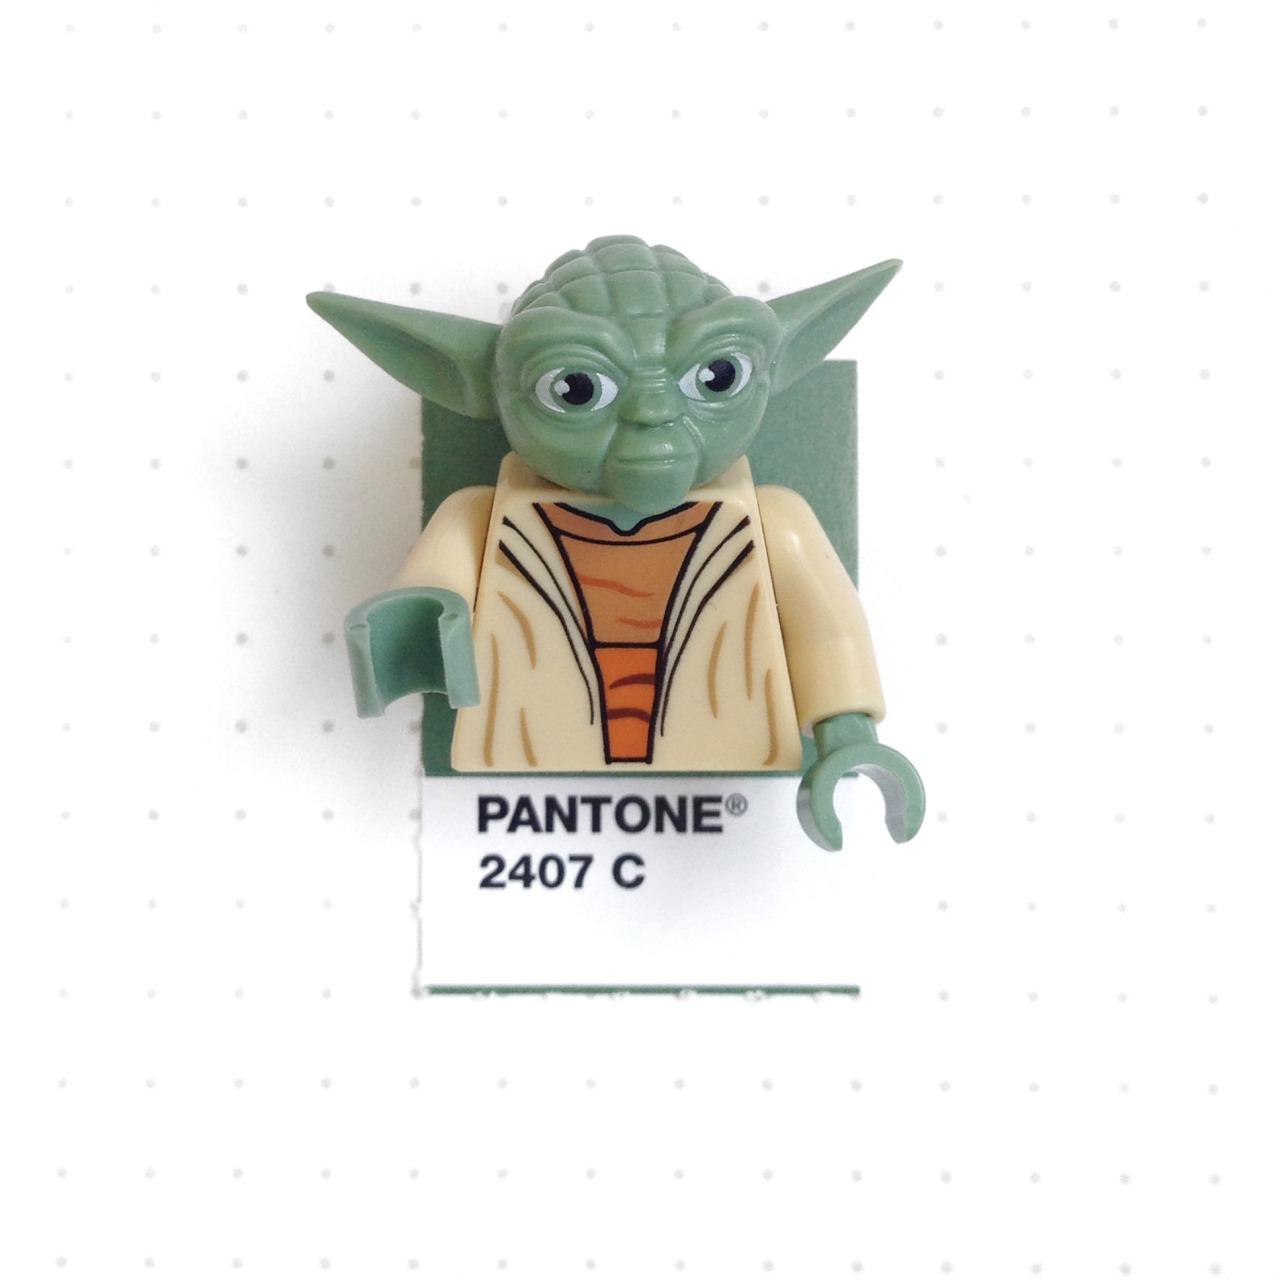 Lego-Yoda.jpg